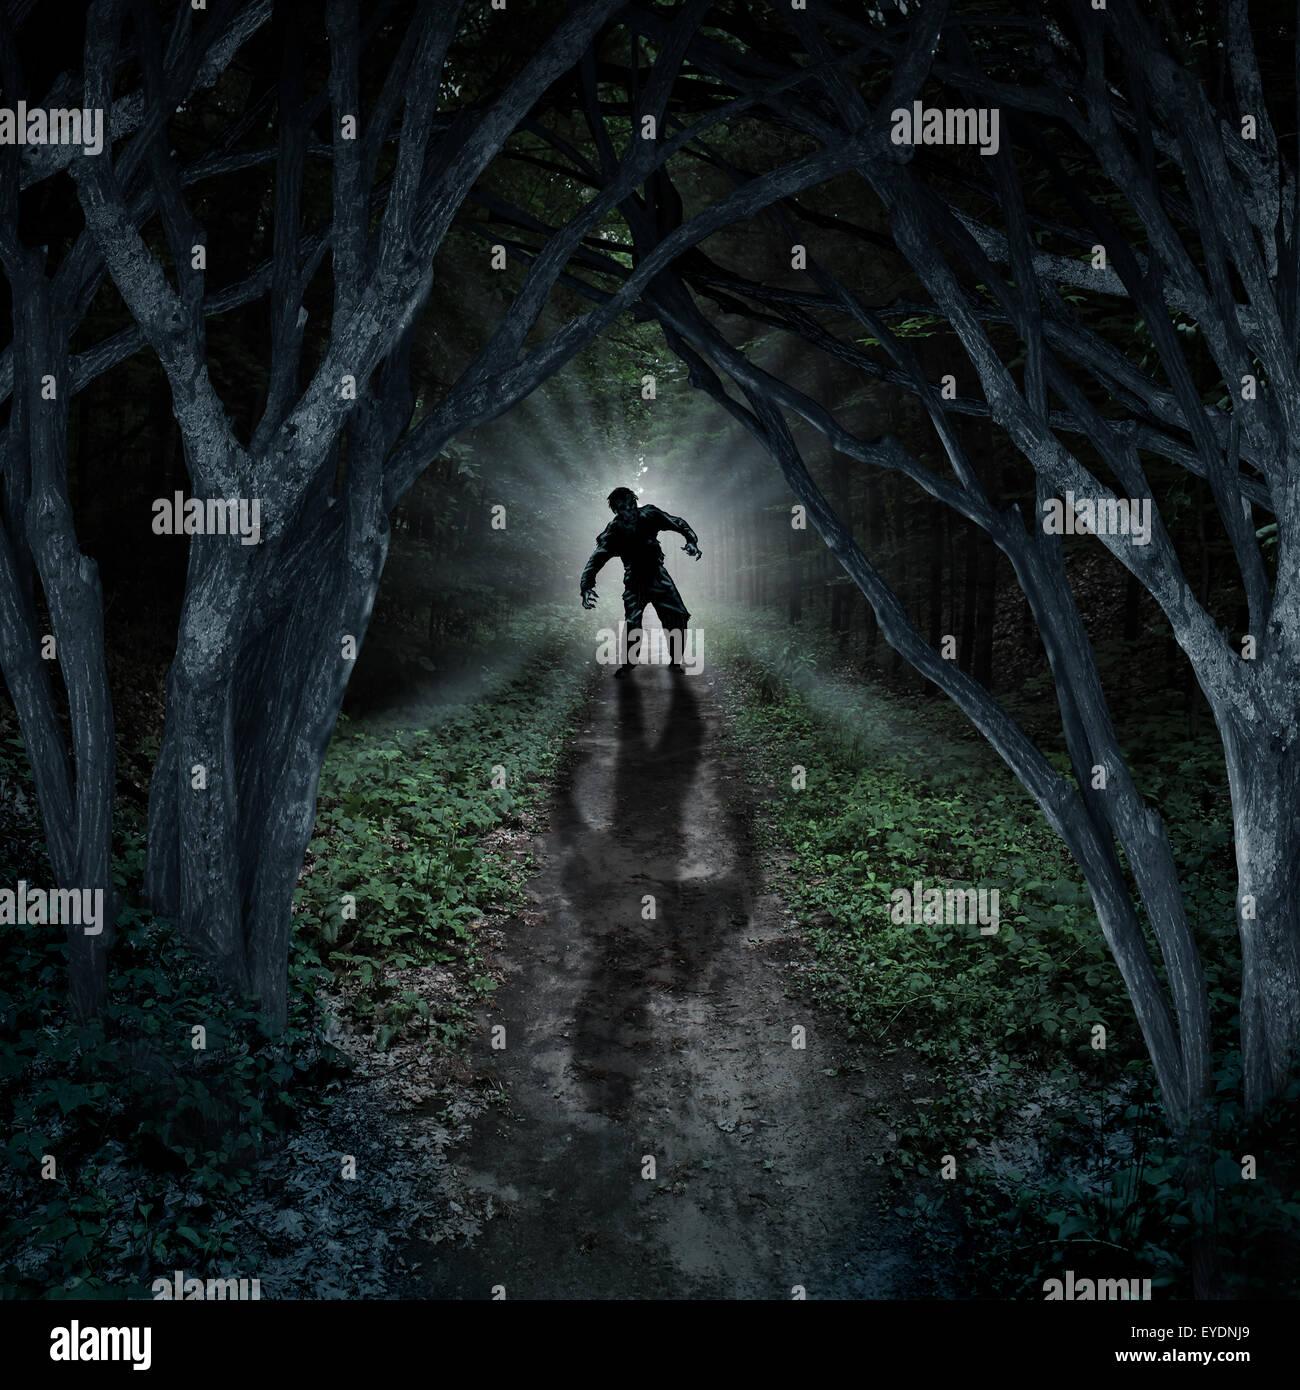 L'horreur Monster marche dans une forêt sombre comme une fantaisie effrayant concept avec une chose creepy Photo Stock